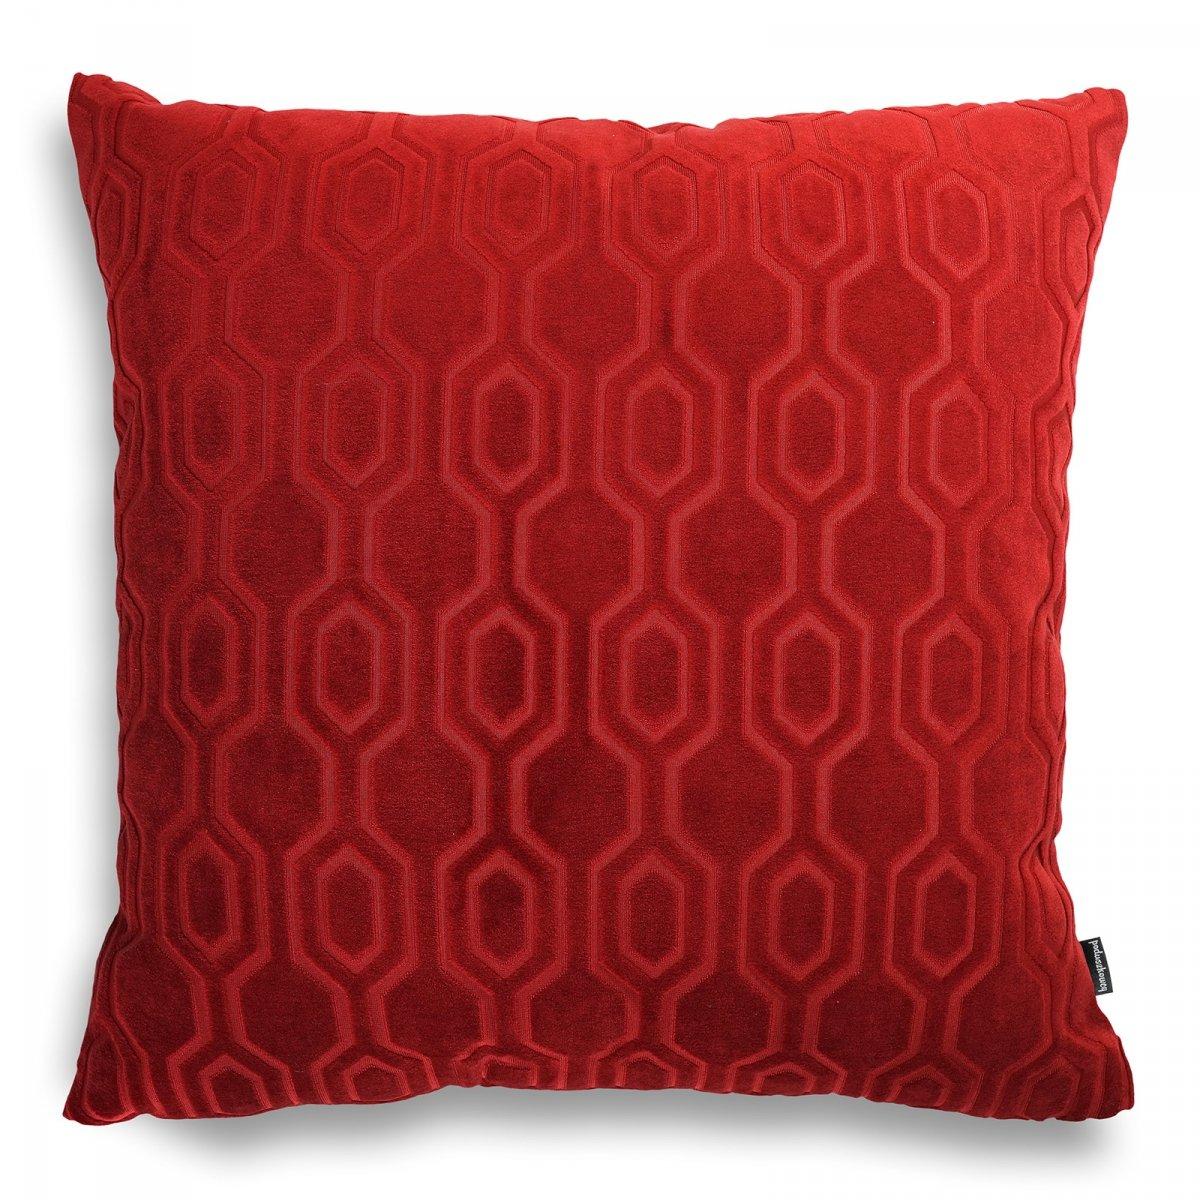 Honey czerwona poduszka dekoracyjna 50x50